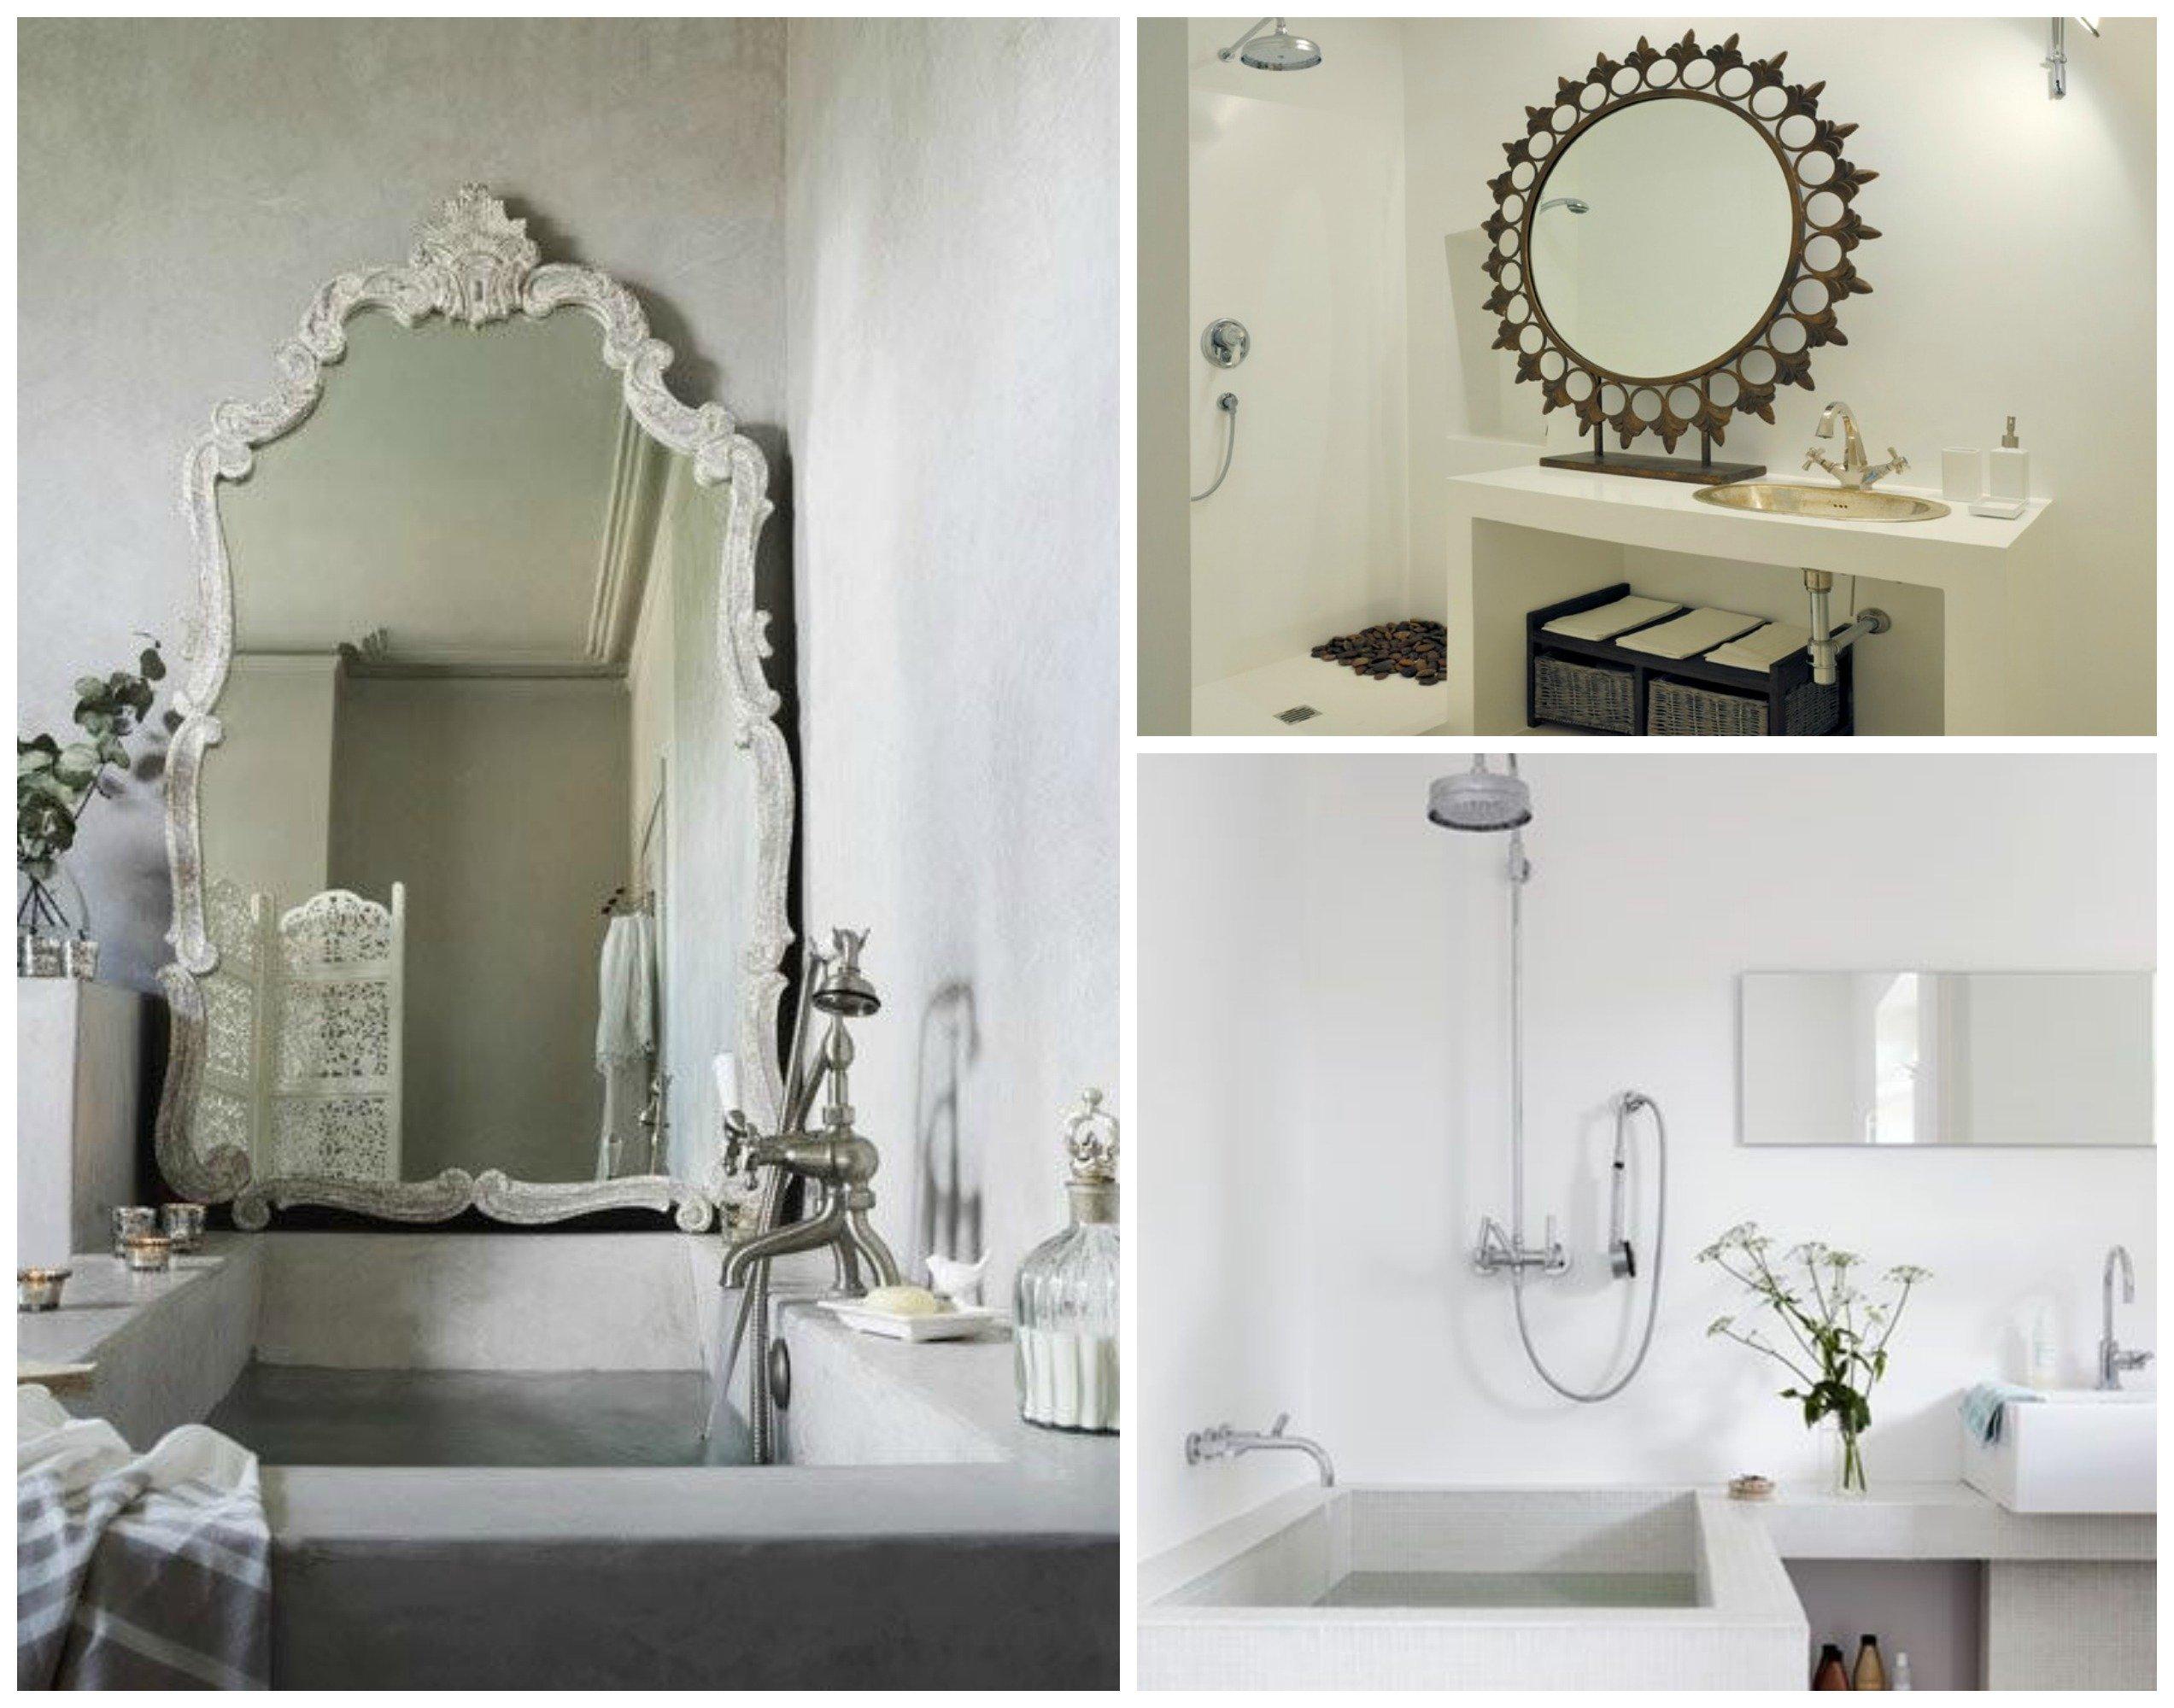 Il bagno una stanza da non nascondere a casa di ro for Specchi da bagno ikea